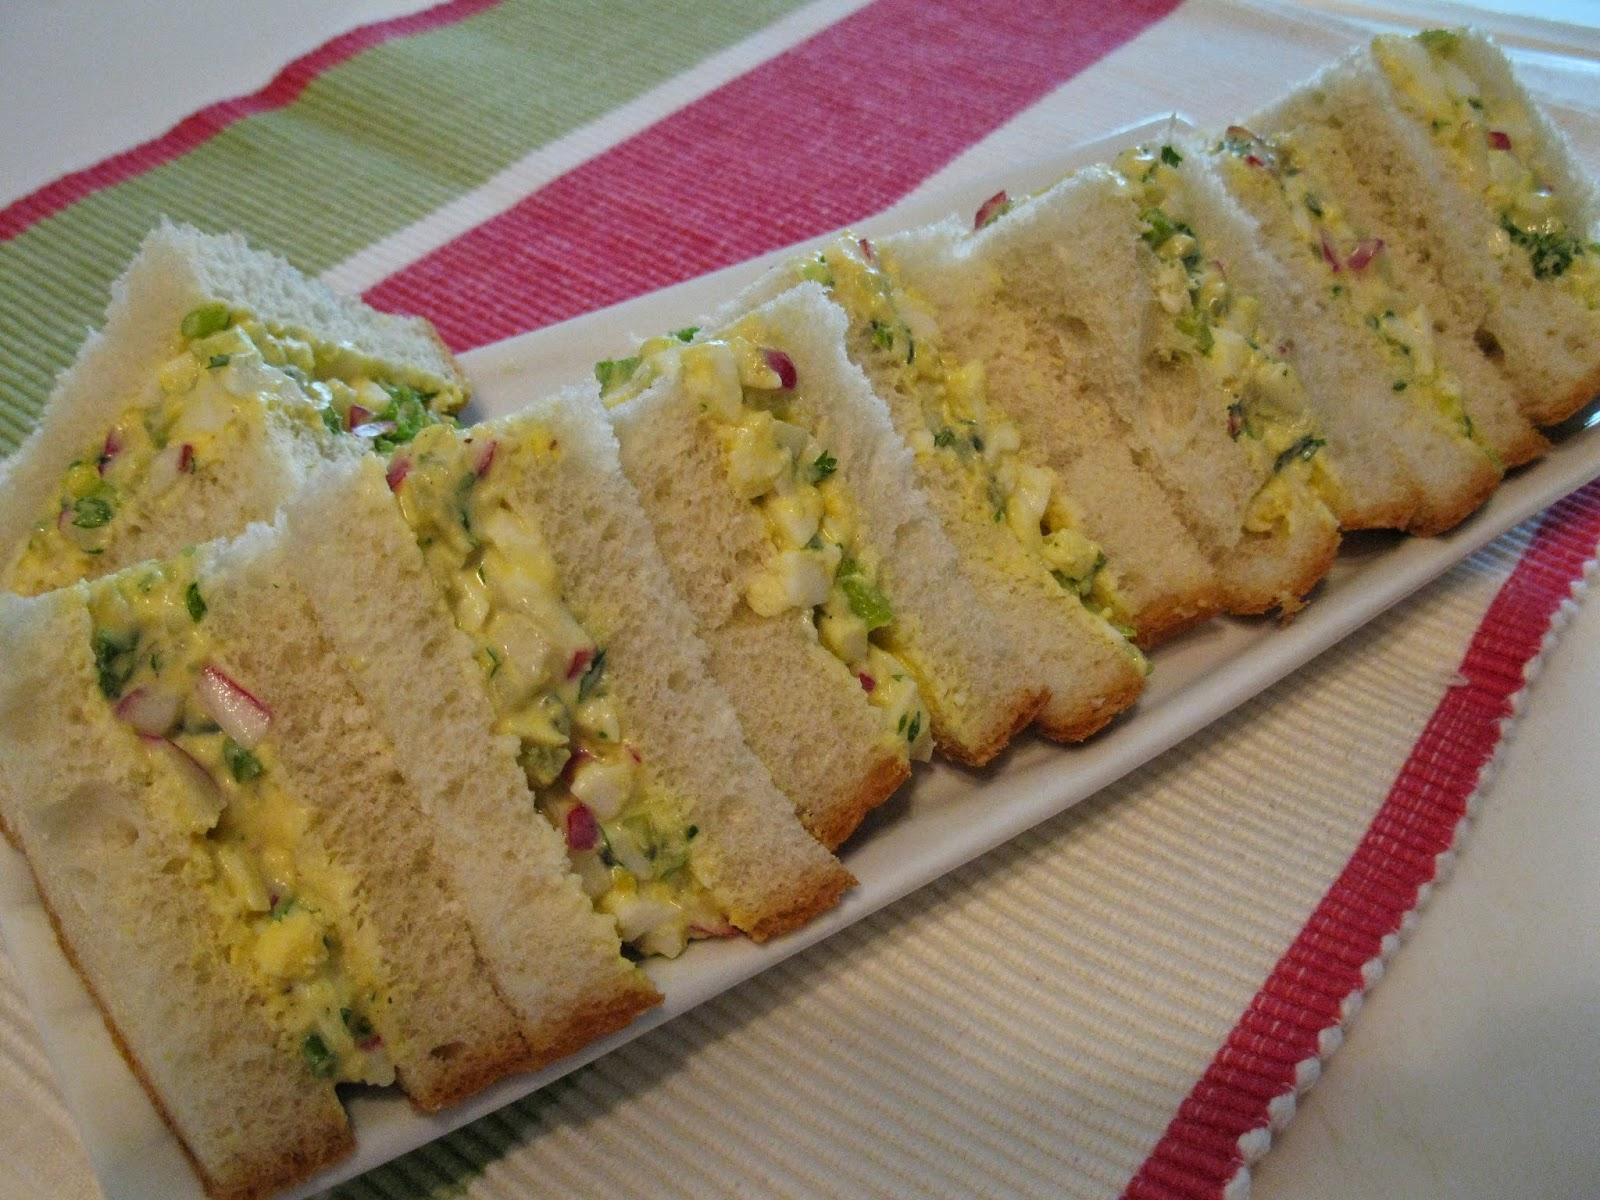 Résultats de recherche d'images pour «sandwich aux oeufs»